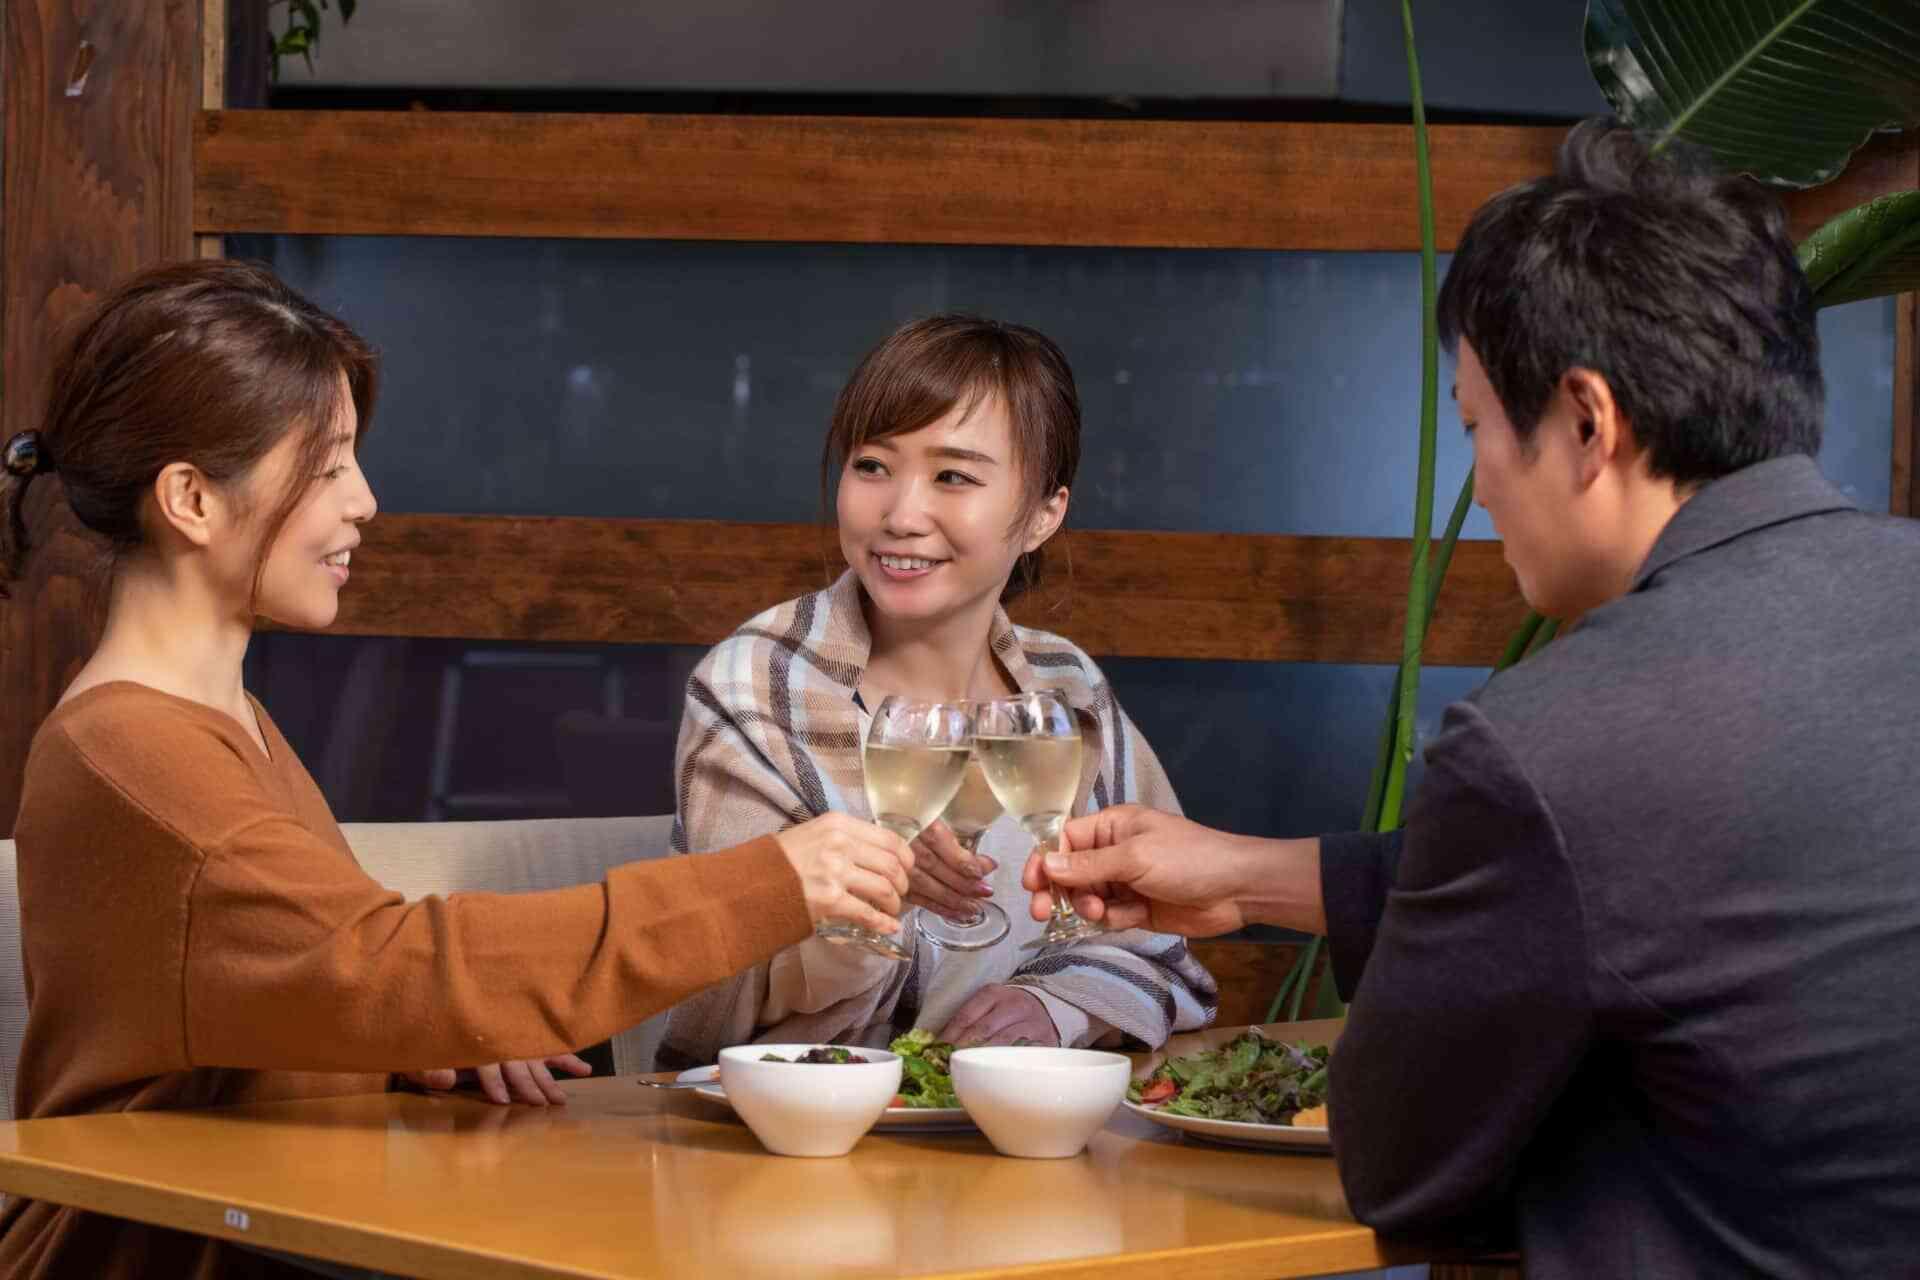 いい会社の特徴-就活生におすすめの企業の特徴キーワード12選-